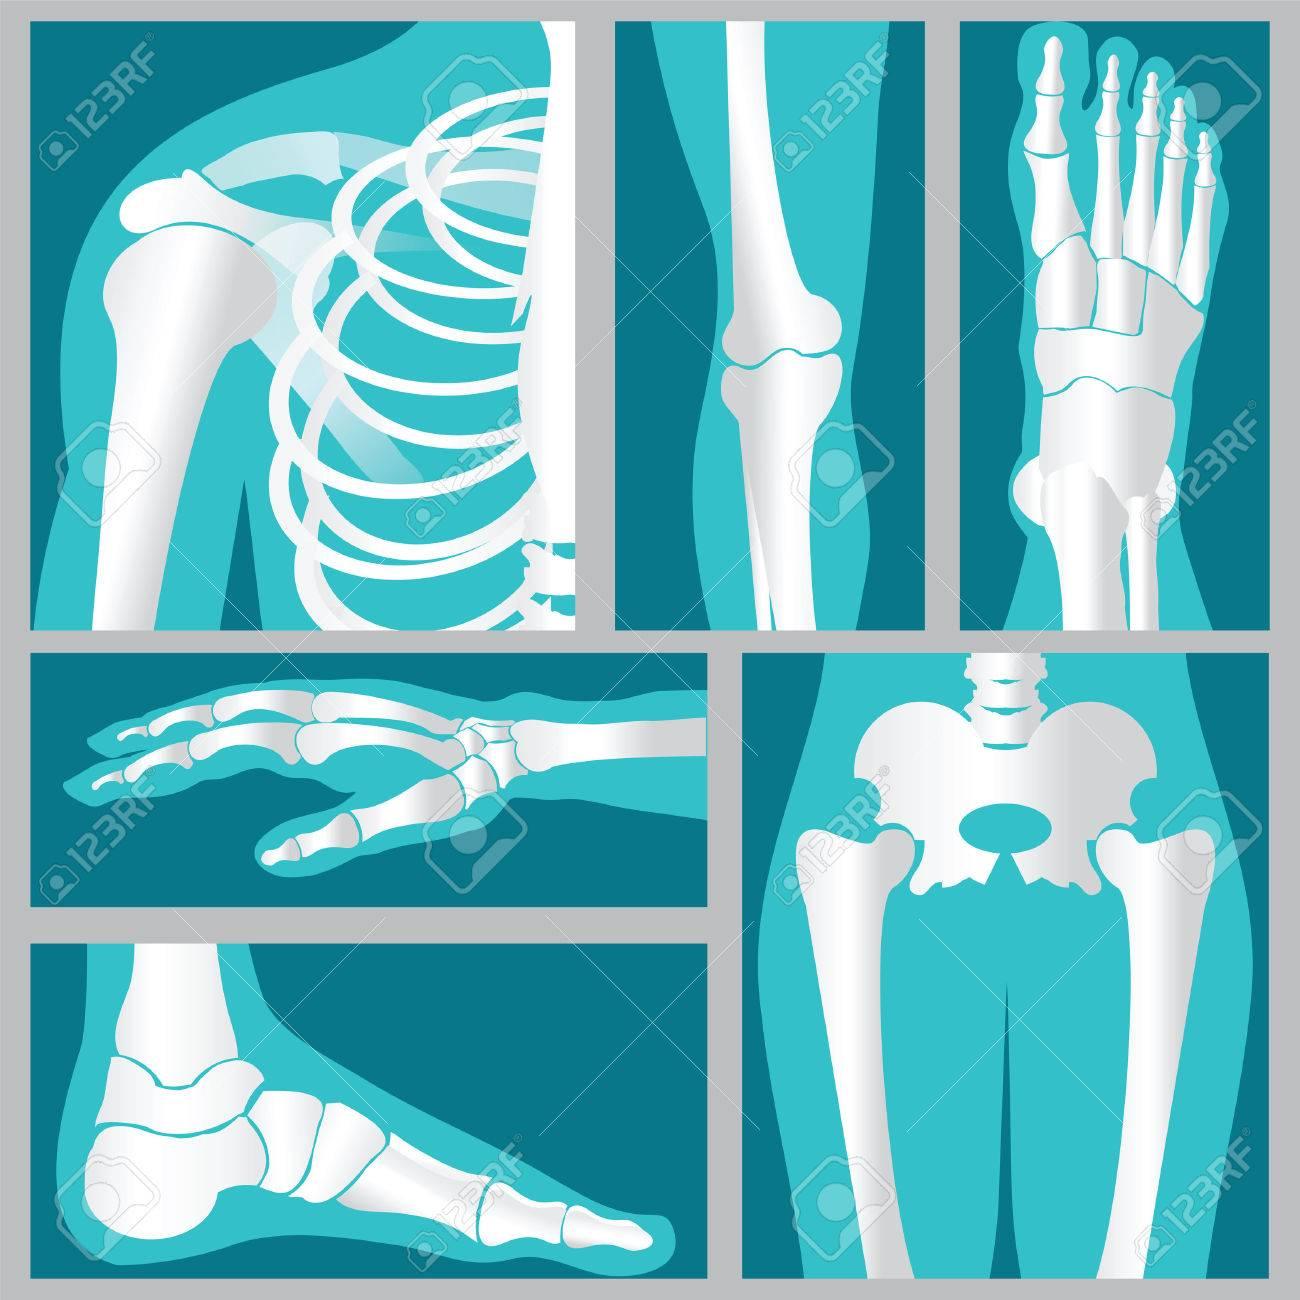 Conjunto De Rayos X De Humanos Articulaciones Humanas Articulación De Rodilla Articulación Del Codo Articulación Del Tobillo Muñeca Esqueleto